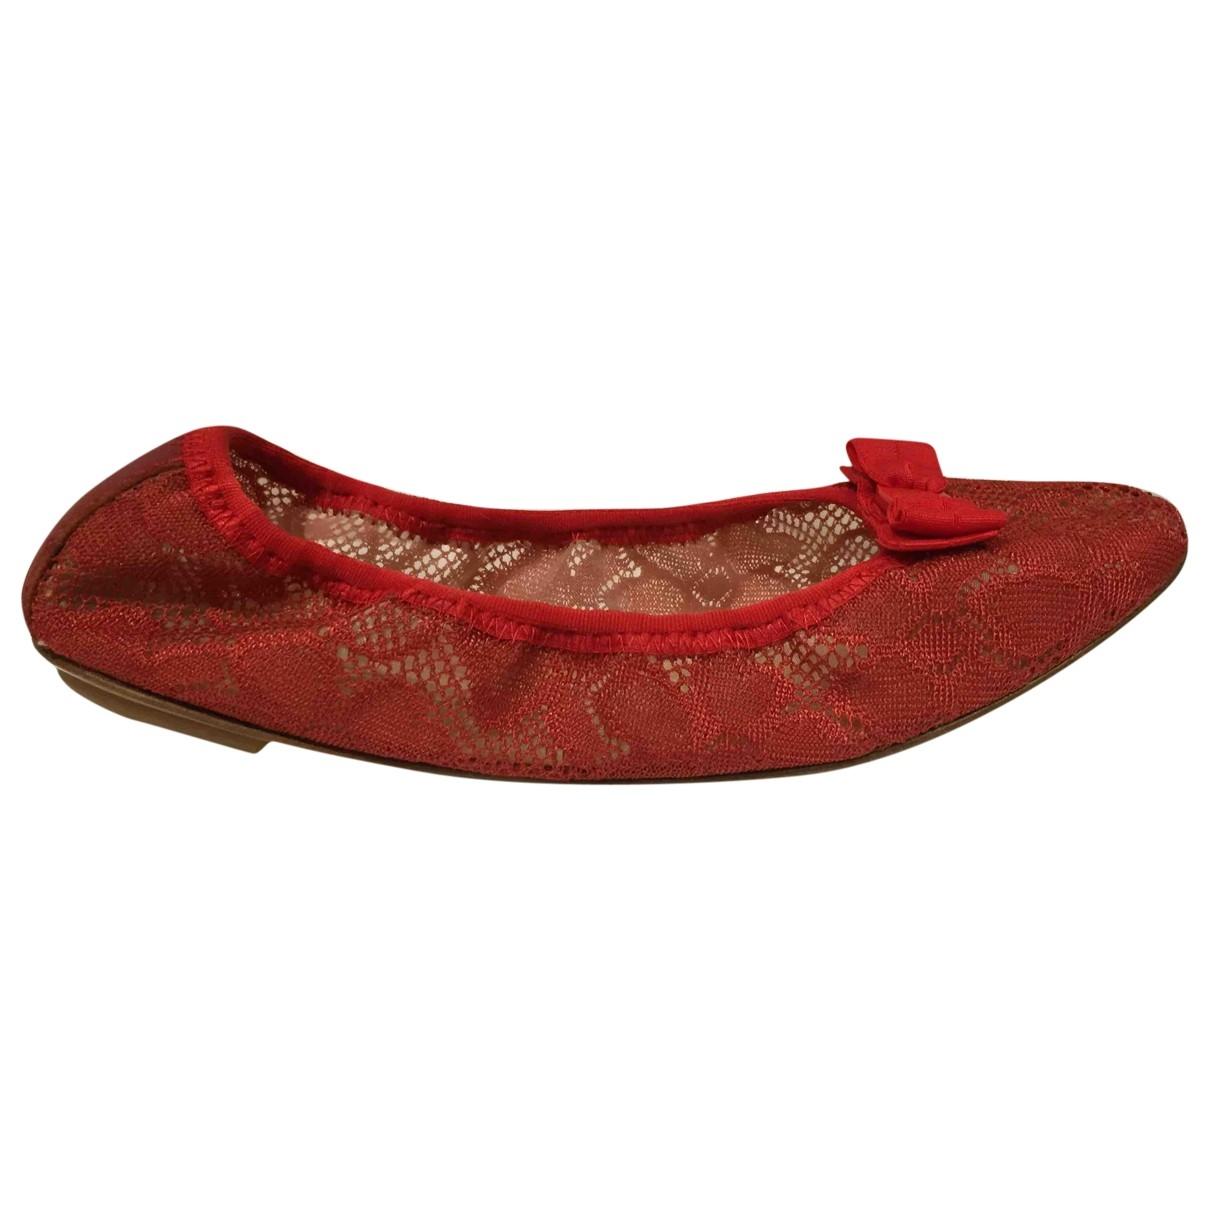 Salvatore Ferragamo - Ballerines   pour femme en toile - rouge